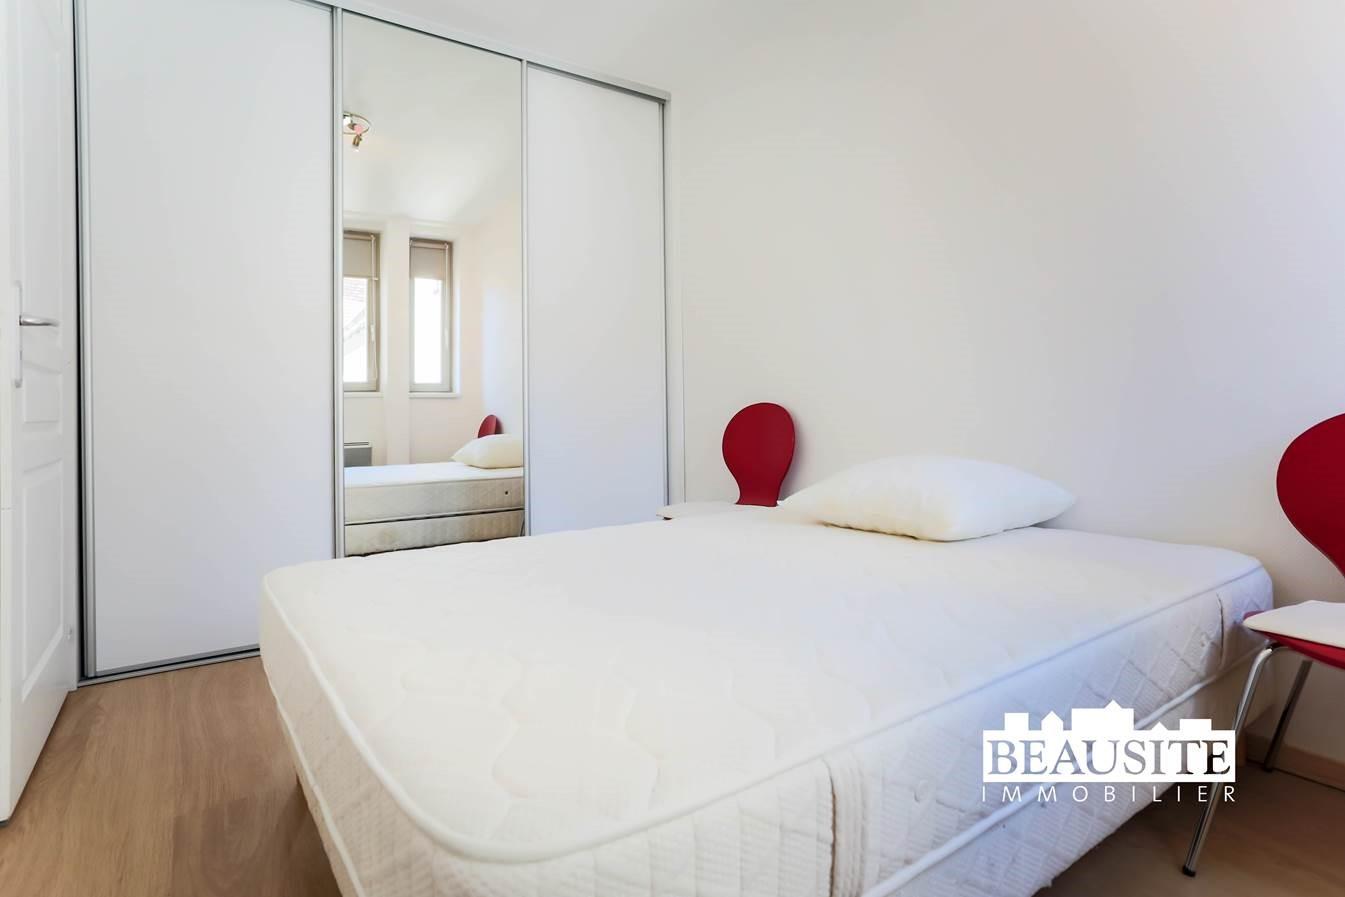 [Le Batelier] Agréable 2 pièces meublé - Krutenau / Quai des Bateliers - nos locations - Beausite Immobilier 5